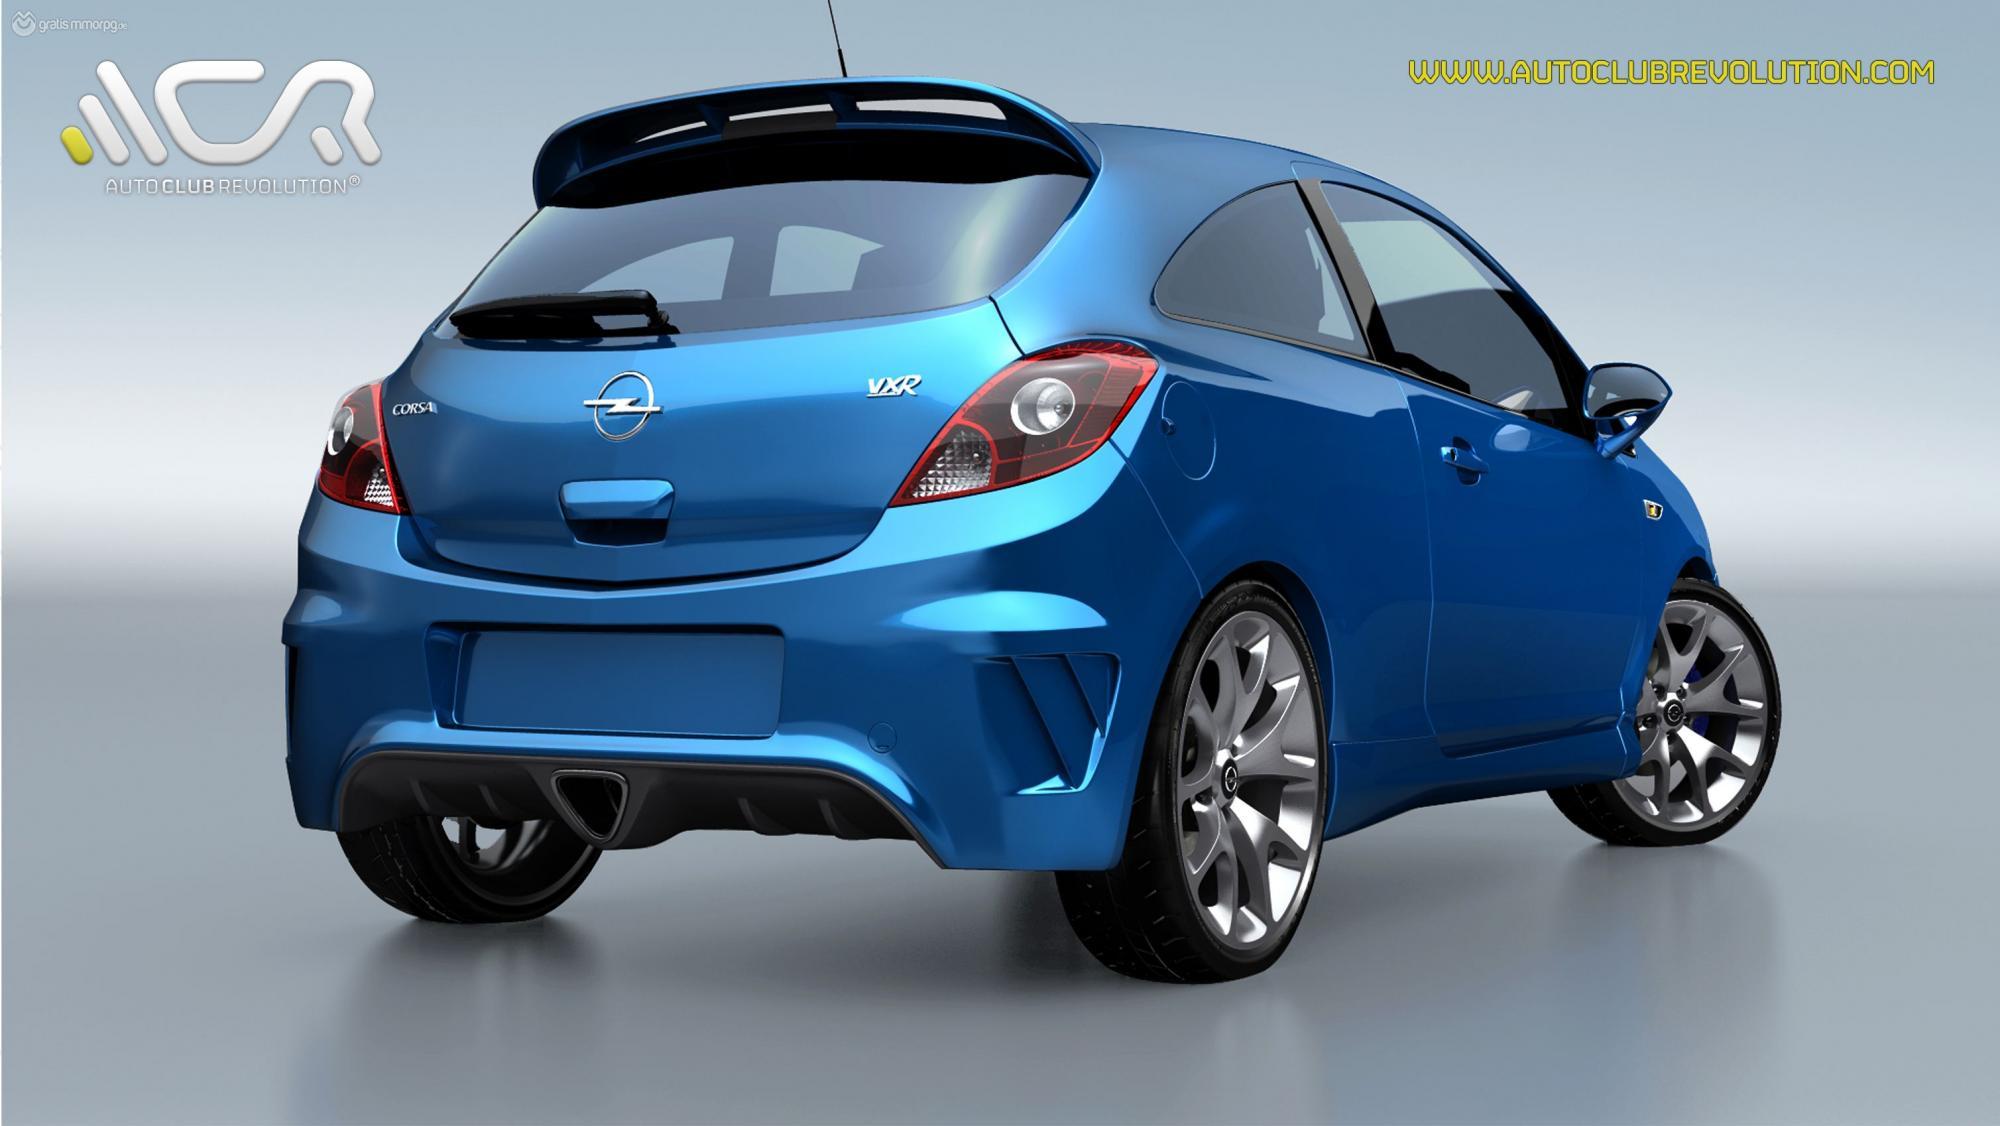 Klicke auf die Grafik für eine größere AnsichtName:ACR - Opel Corsa OPC.jpgHits:64Größe:141,8 KBID:5857